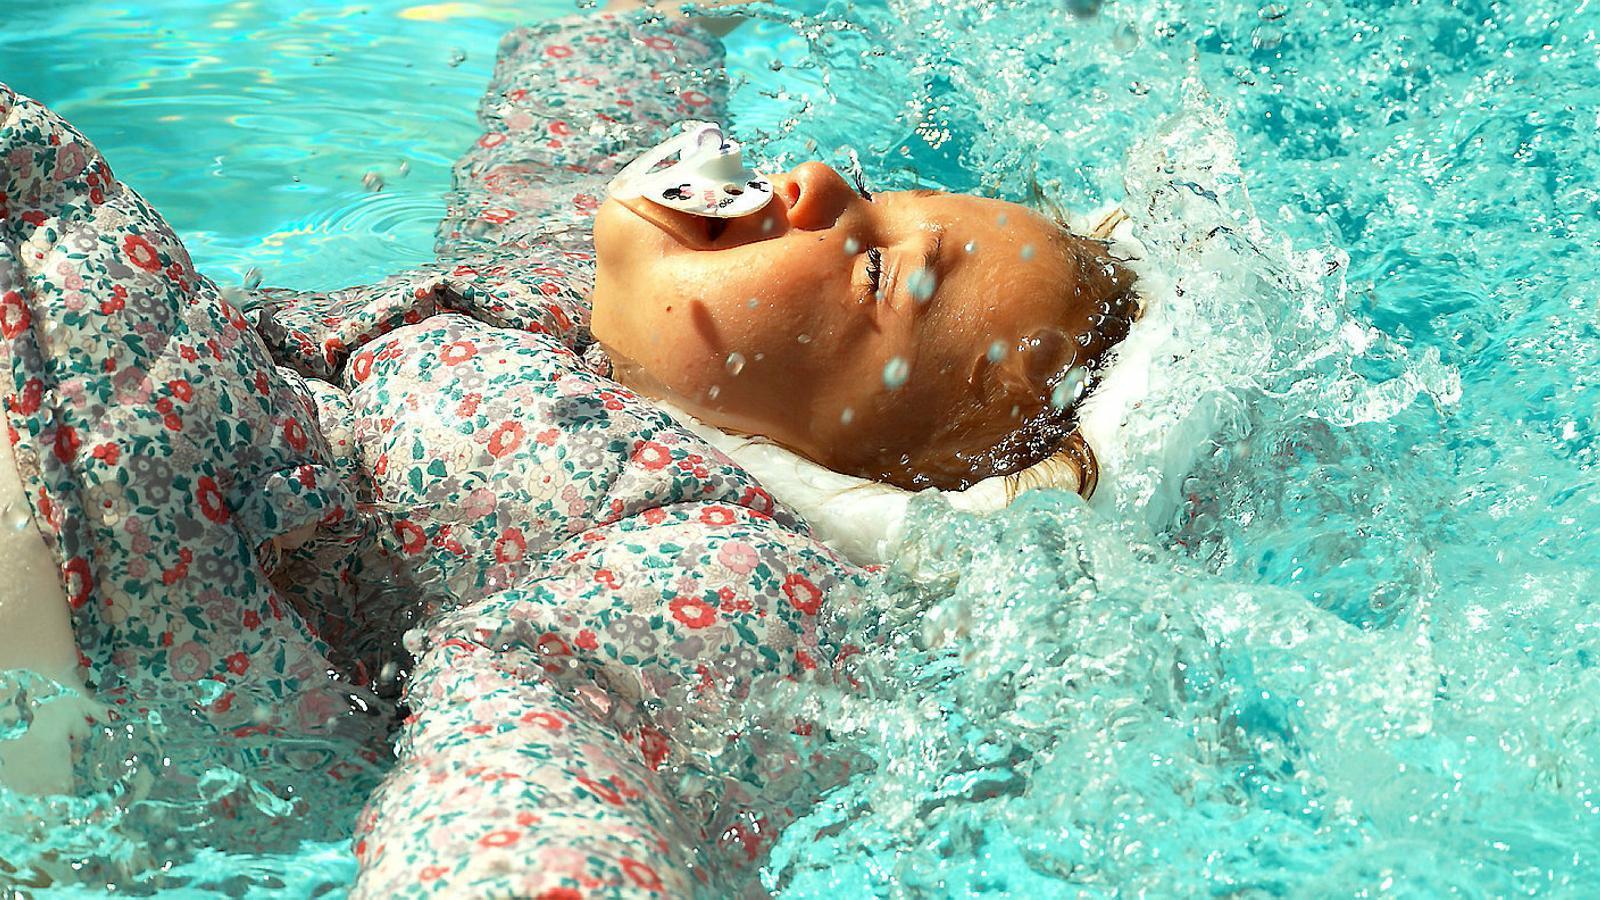 FESTIVAL DE LOCARNO: Tirar un nadó a la piscina pel seu propi bé